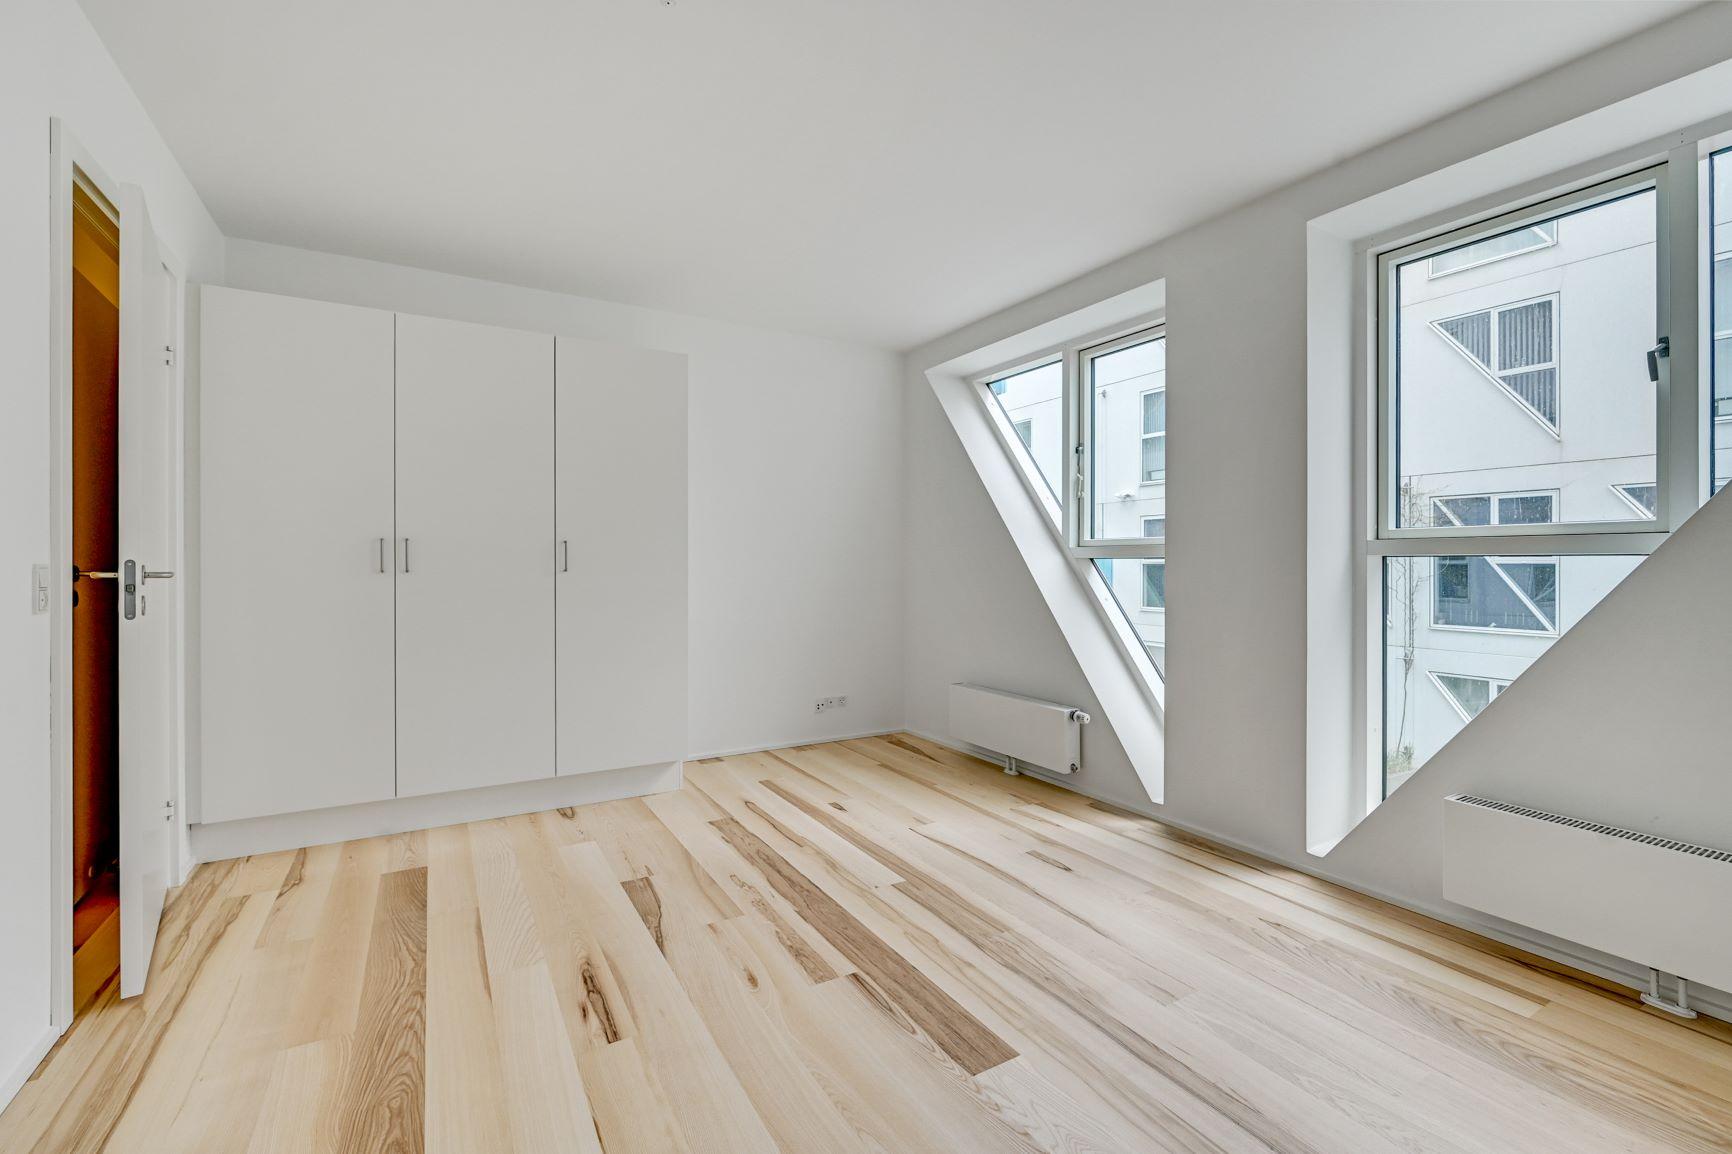 Lejebolig på Mariane Thomsens Gade 36, 1. lejl. 2., 8000 Aarhus C